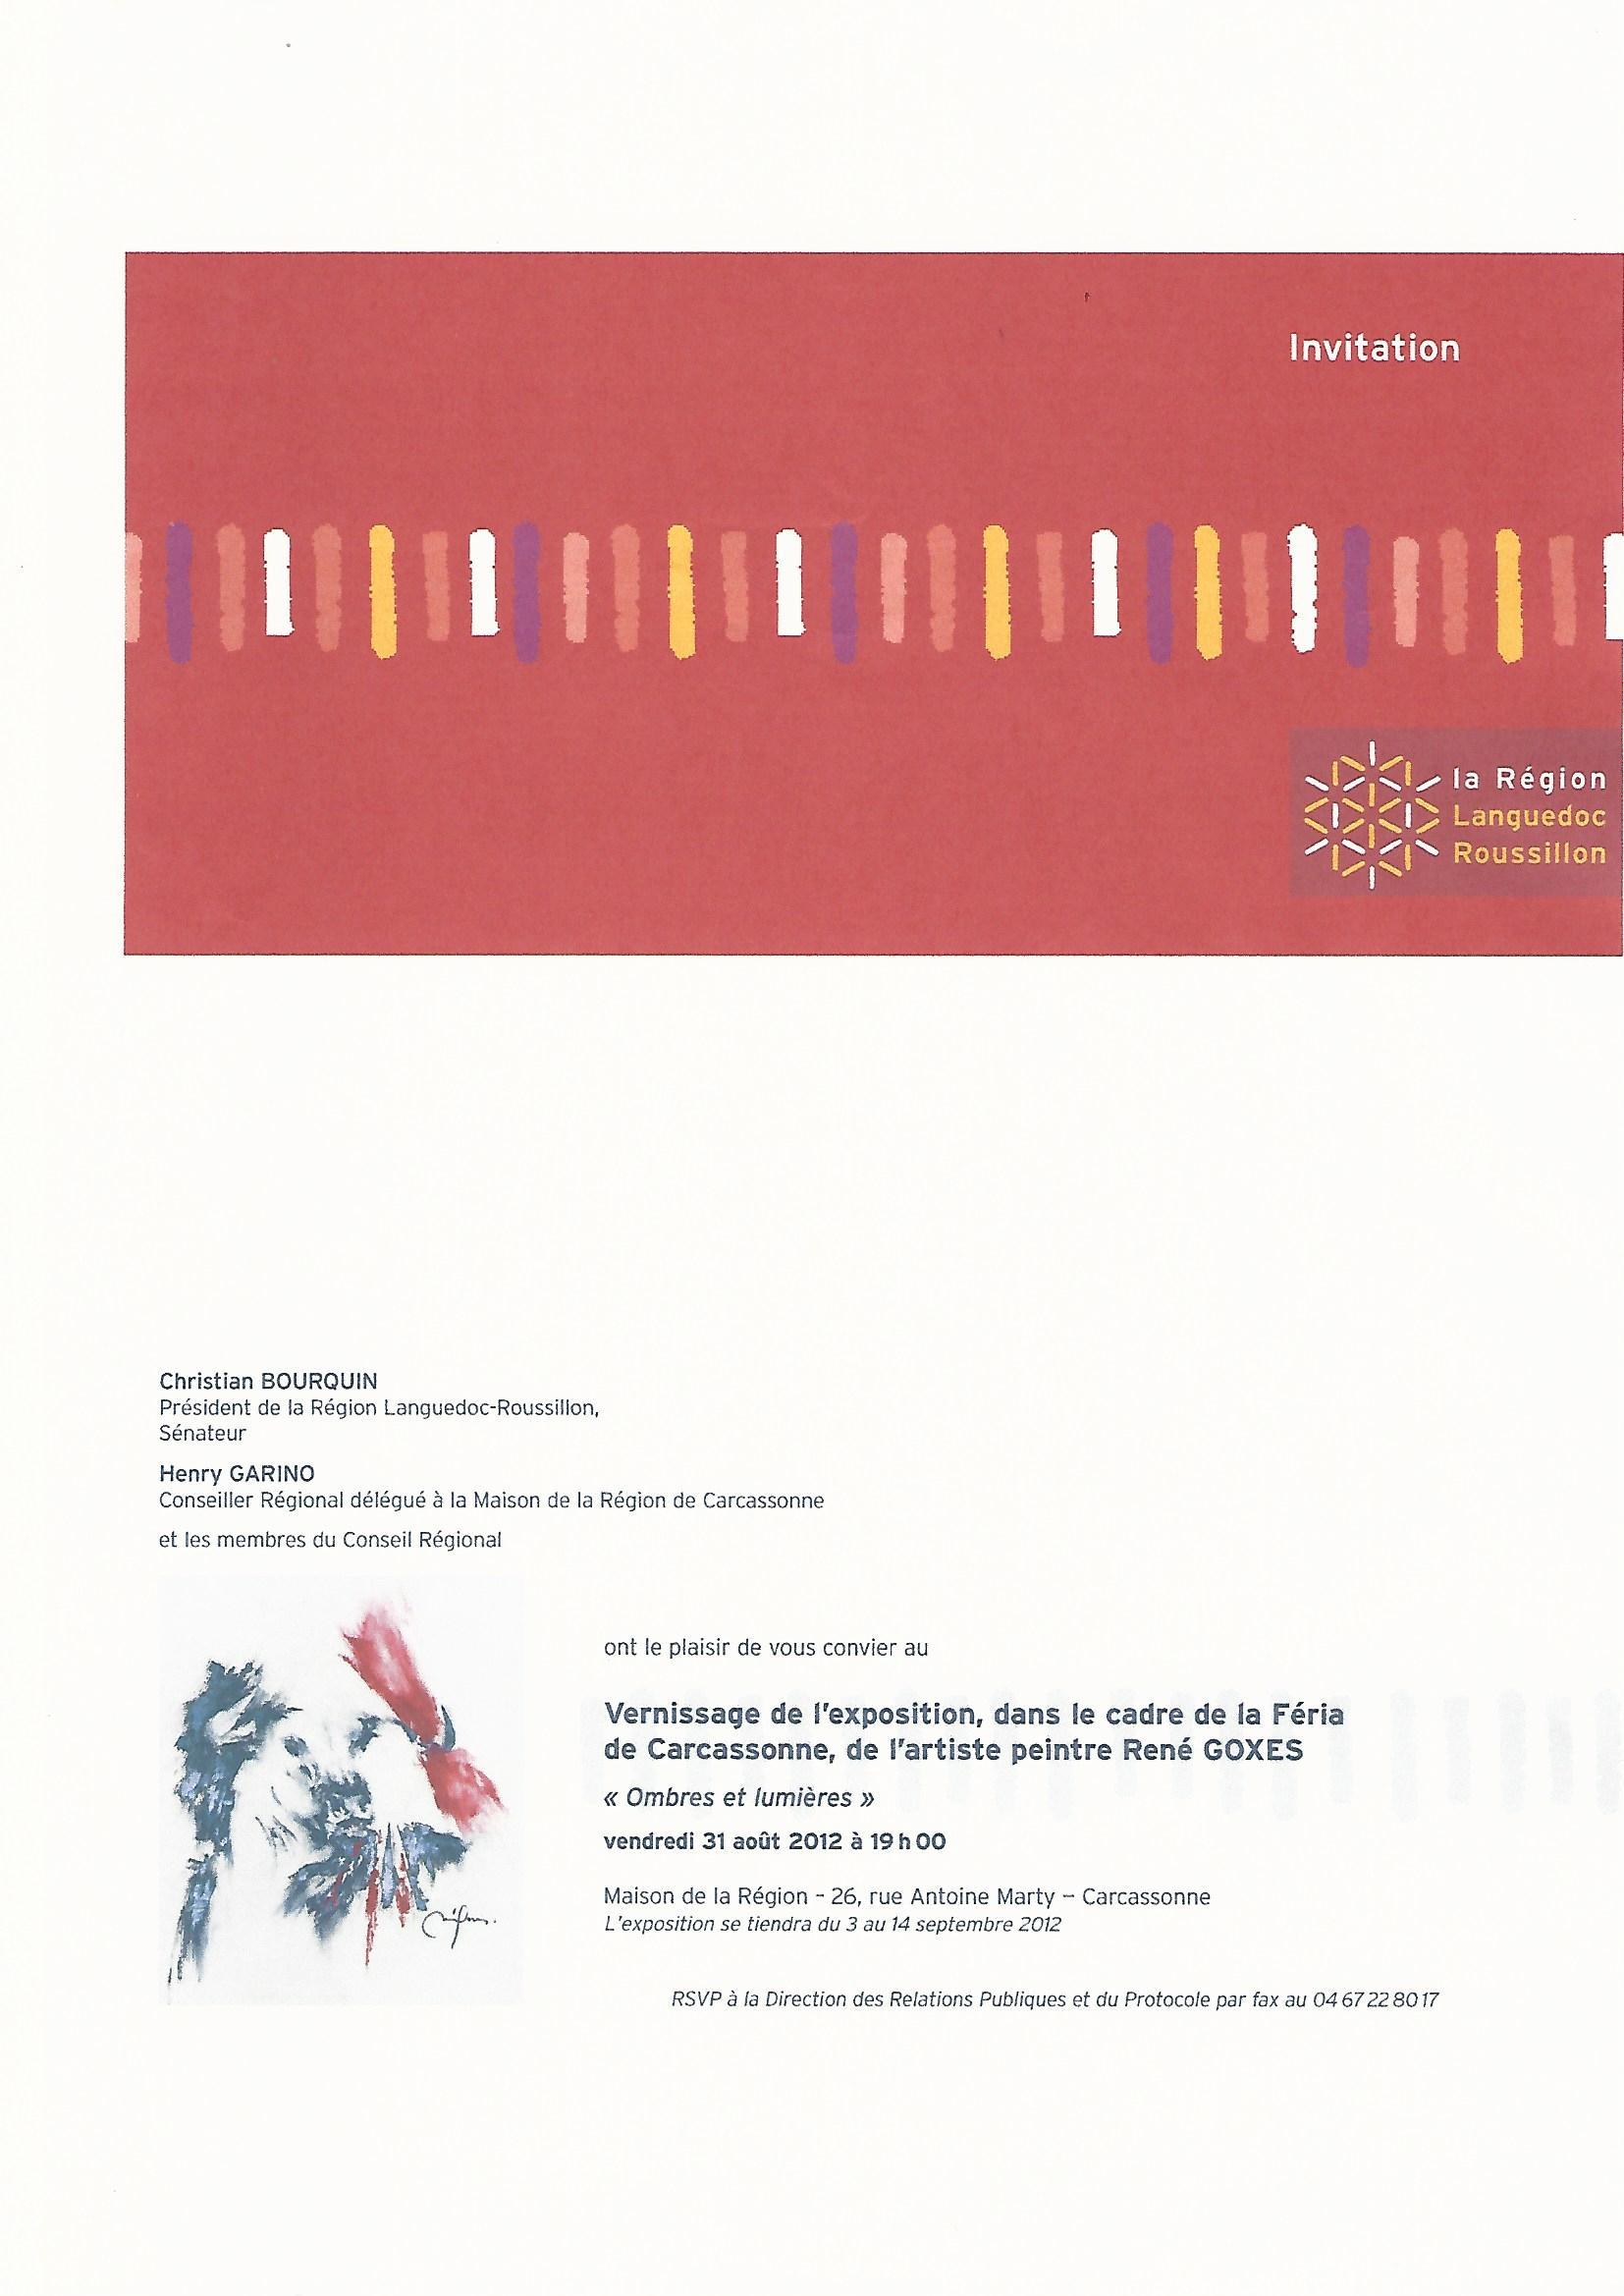 féria carcassonne 2012.jpg